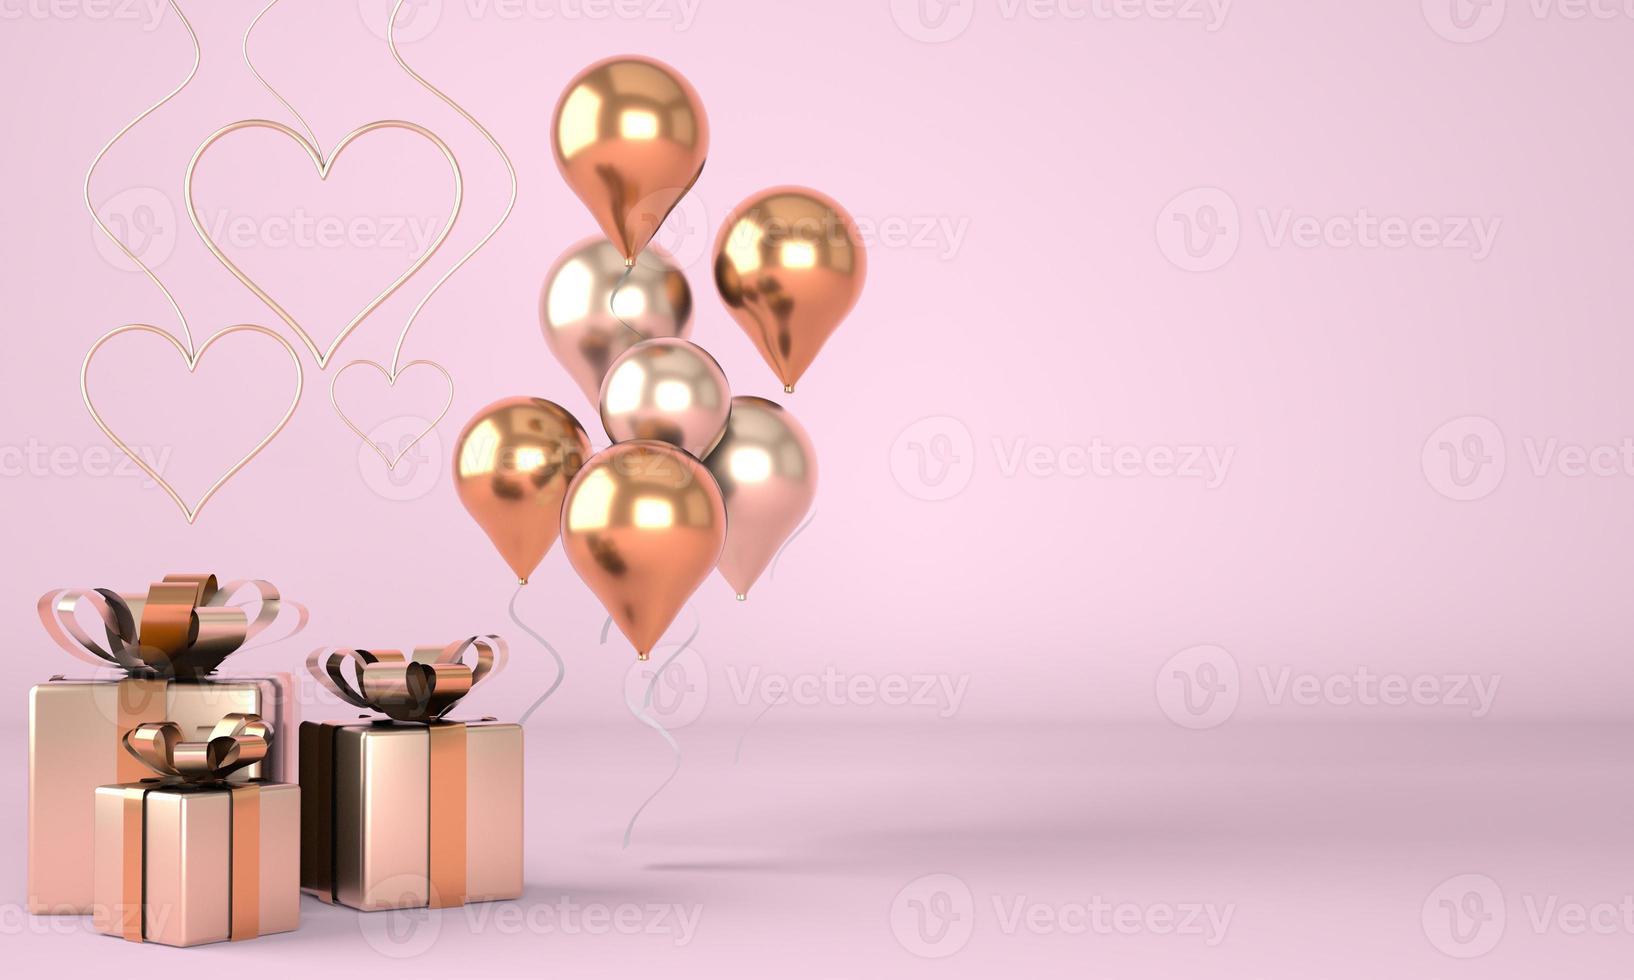 La Saint-Valentin. fond avec boîte de cadeaux festifs réalistes. cadeau romantique. coeurs d'or. 3d. photo